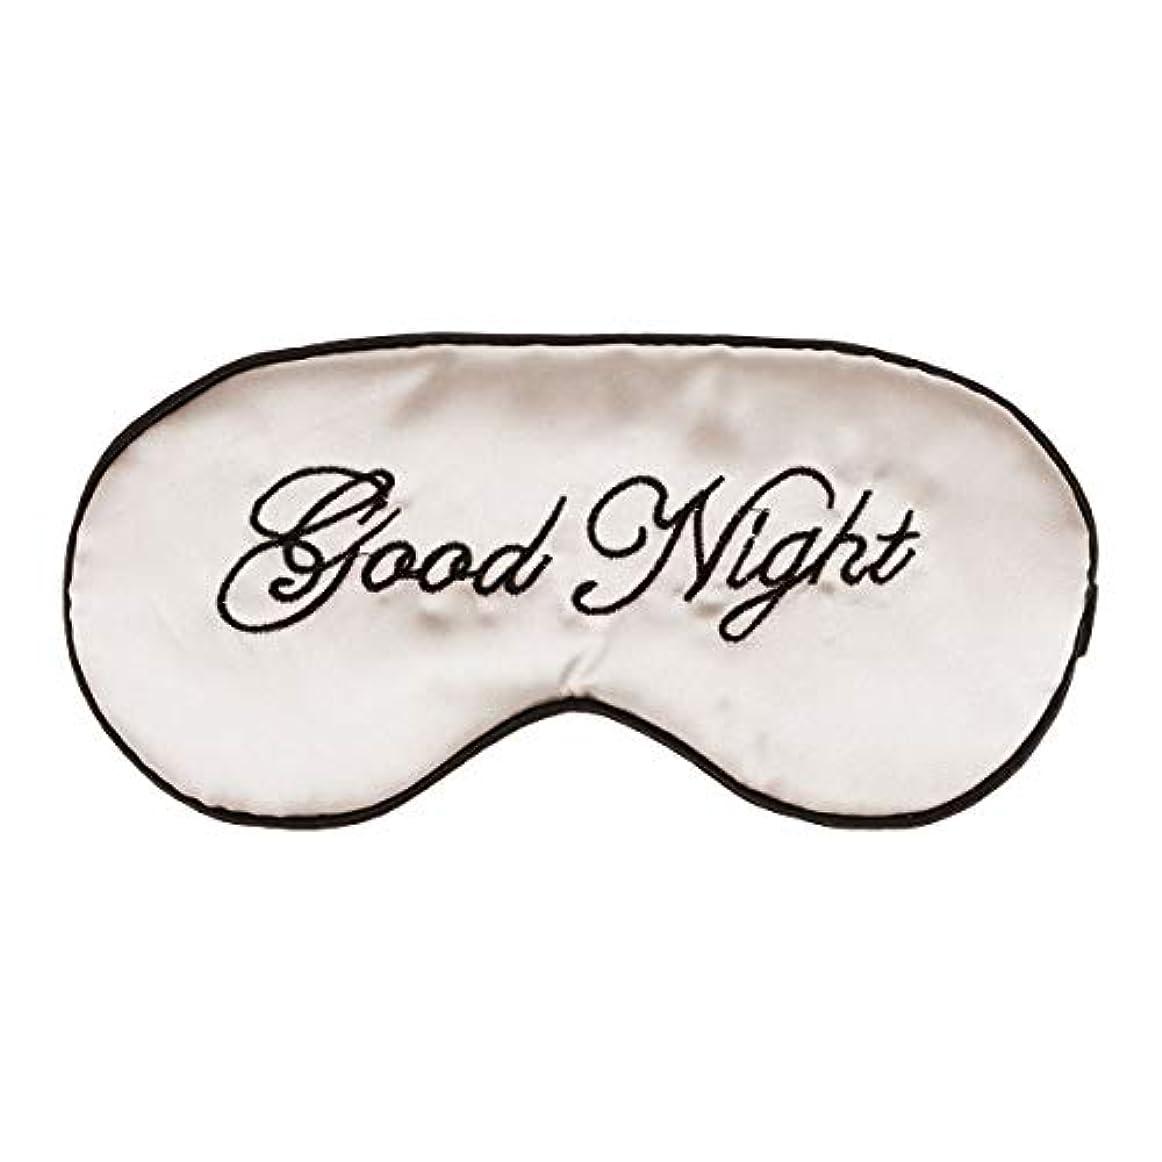 会員どうしたの神のSUPVOX シルクスリーピングマスク 刺繍スタイル 睡眠 アイマスク 軽量 アイマスク 遮光 圧迫感なし 疲れ目 睡眠 旅行 仮 眠 疲労回復に最適 無地(ベージュ)